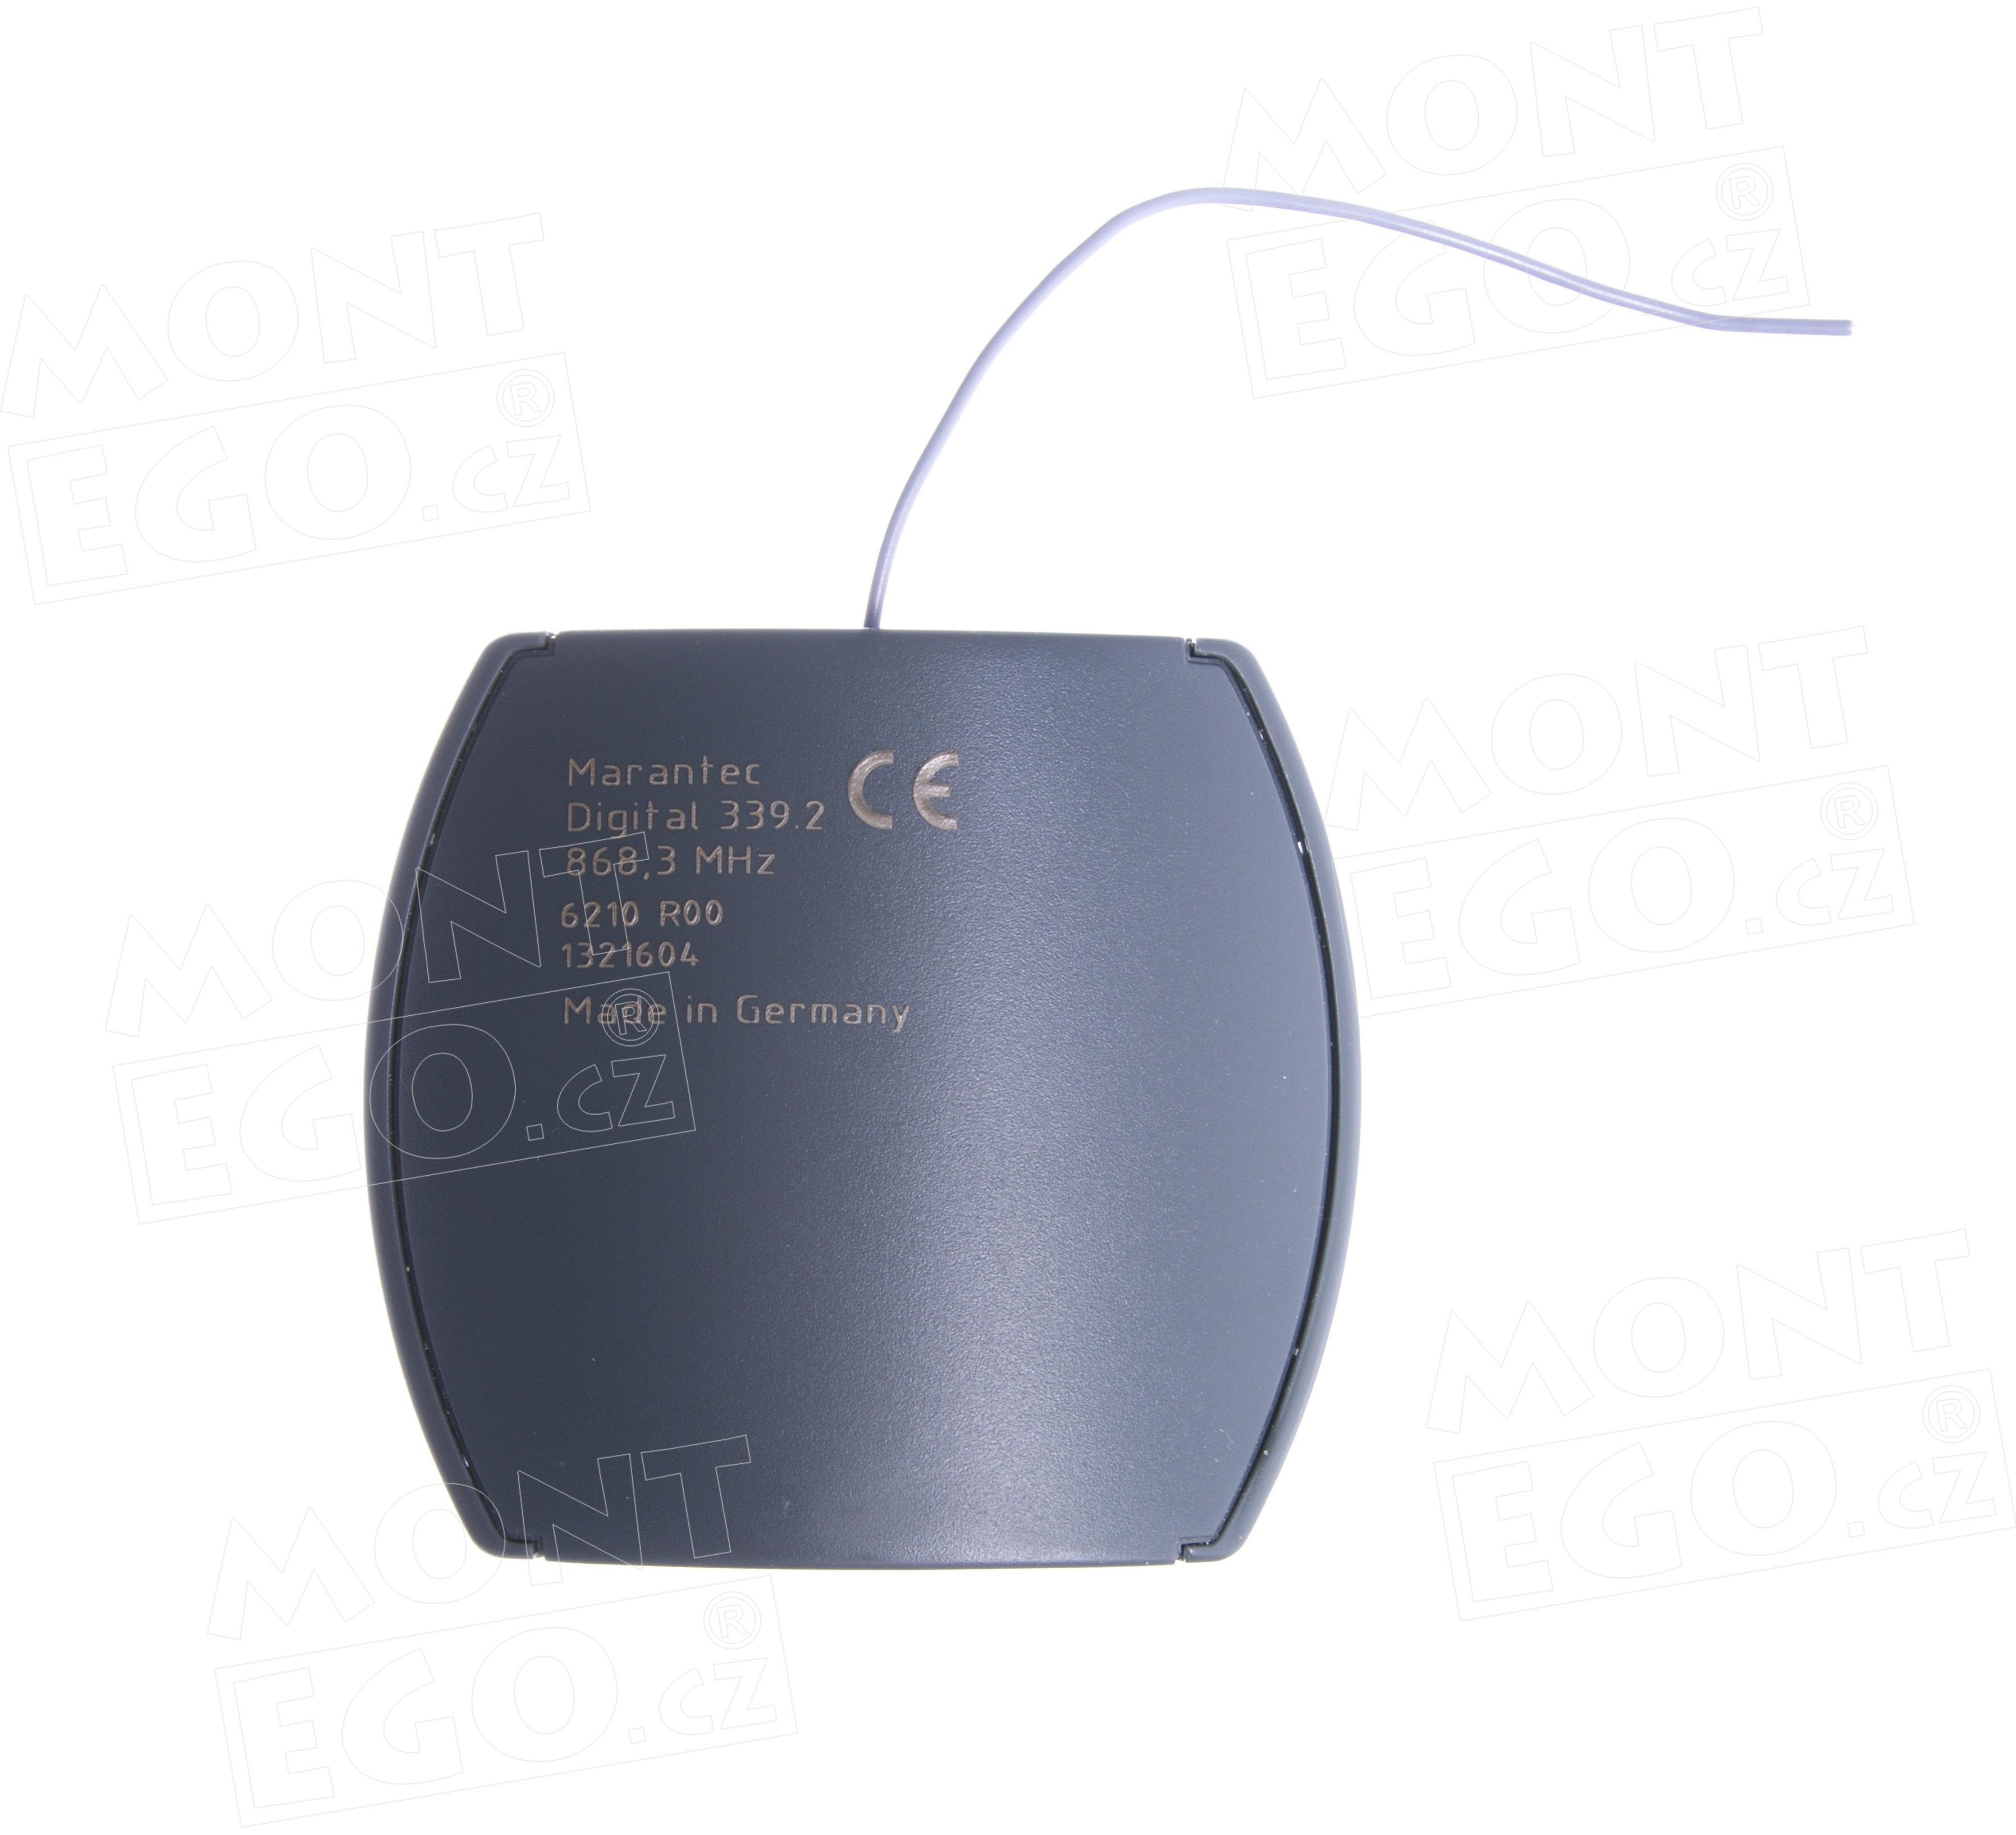 1 kanálový externí přijímač dálkového ovládání pohonů, Marantec Digital 339.2, plovoucí kód, 868,3 MHz